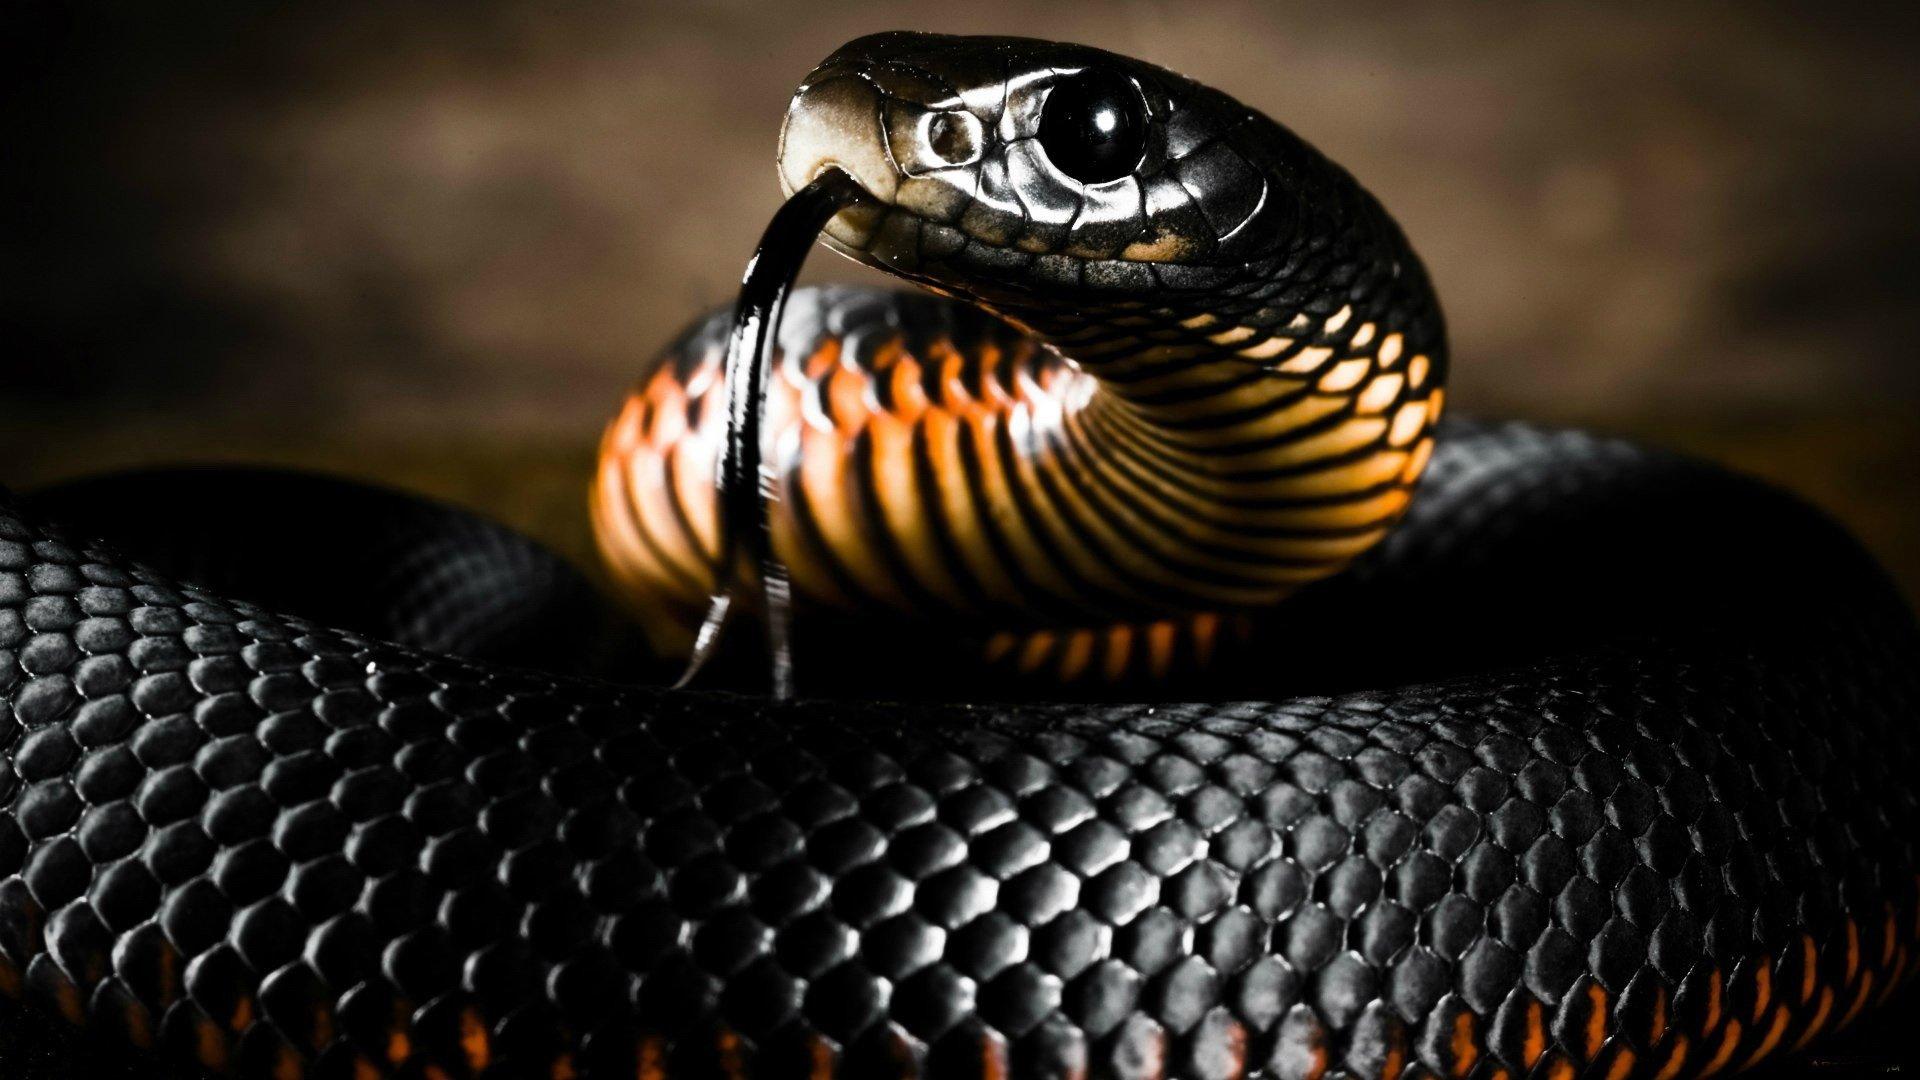 природа животные фотоаппарат змея загрузить